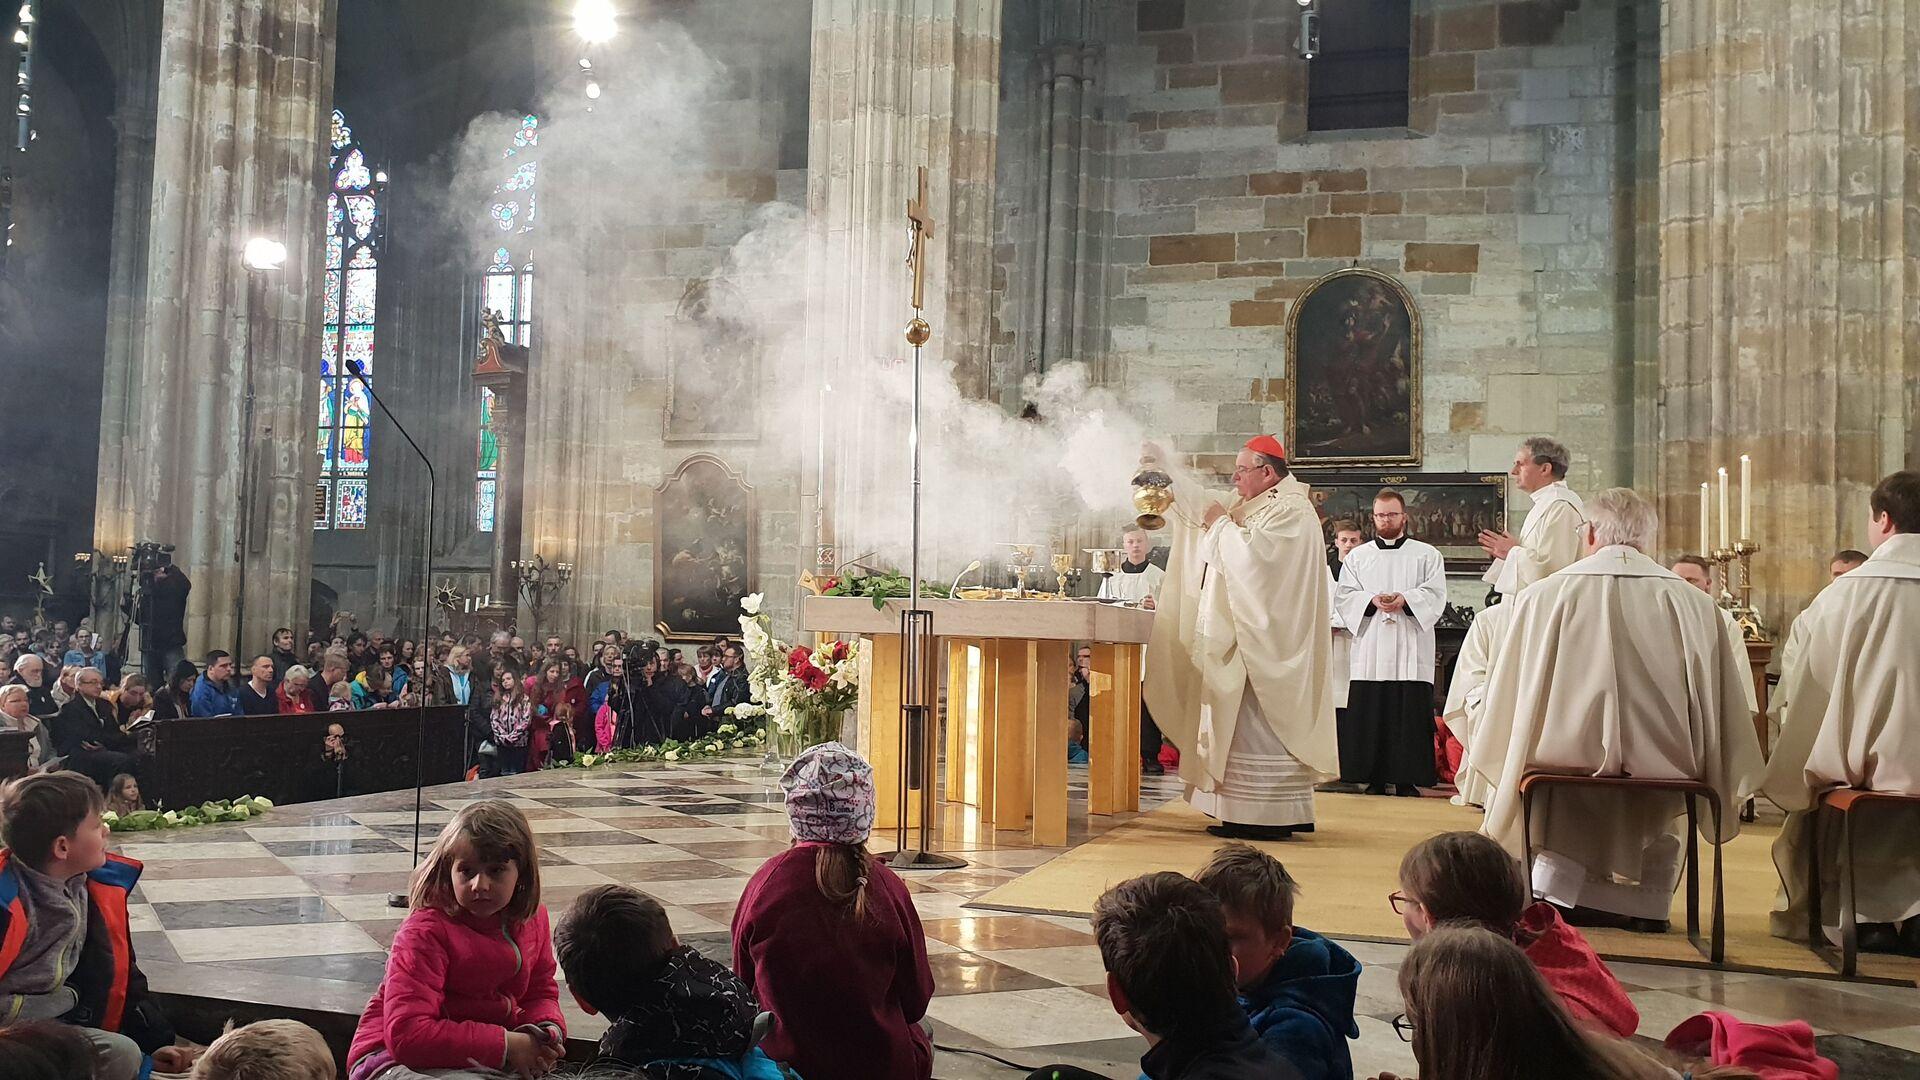 Kardinál Duka, aroma a dým kadidla se šíří lodí katedrály - Sputnik Česká republika, 1920, 07.07.2021